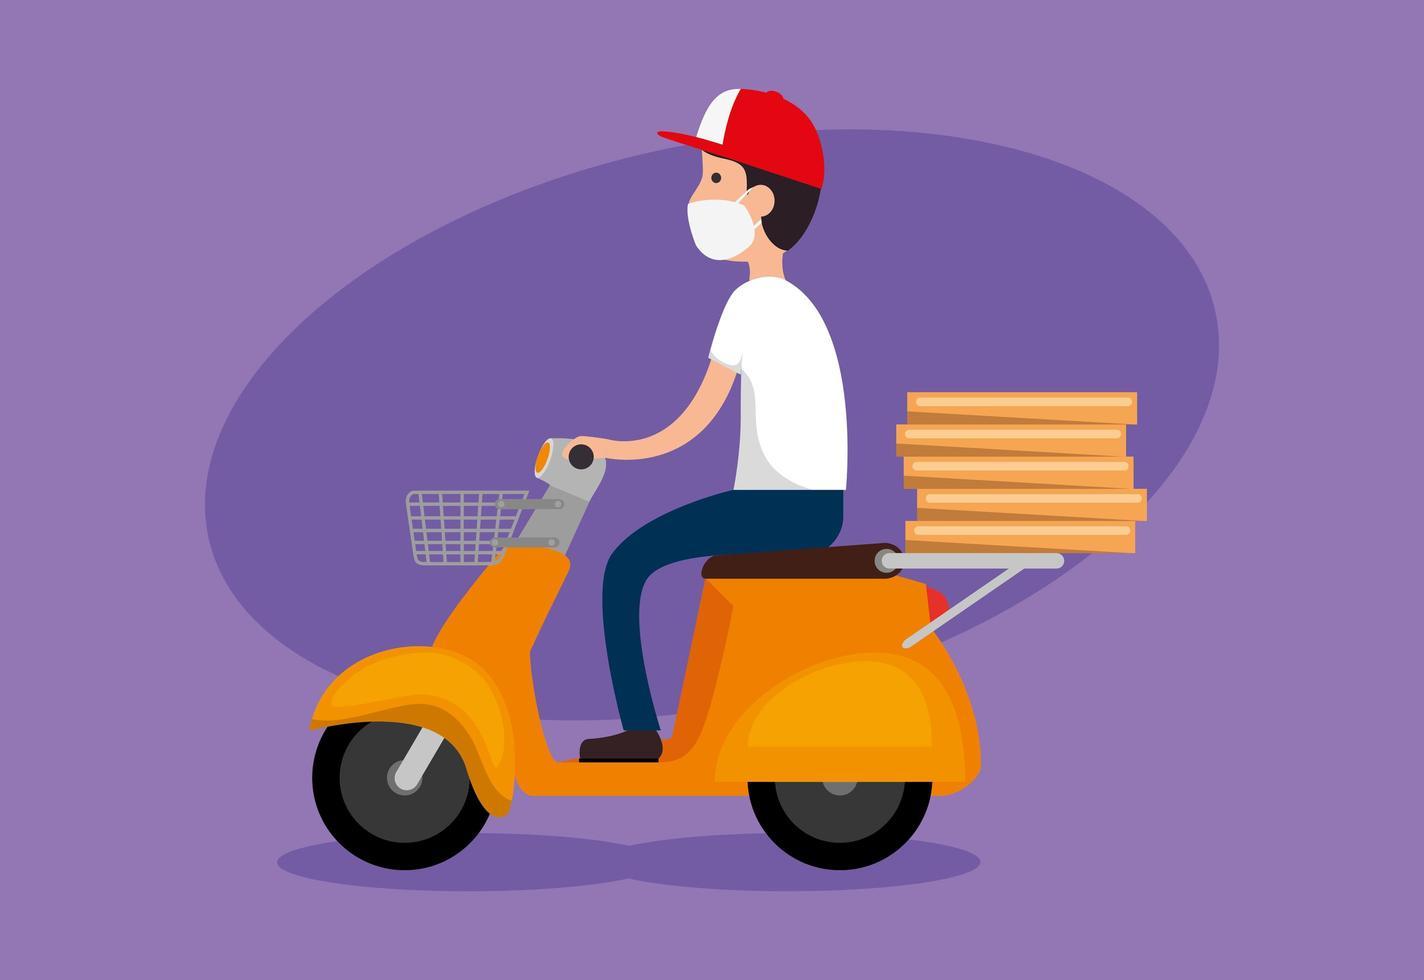 courrier de livraison de pizza moto avec masque facial vecteur